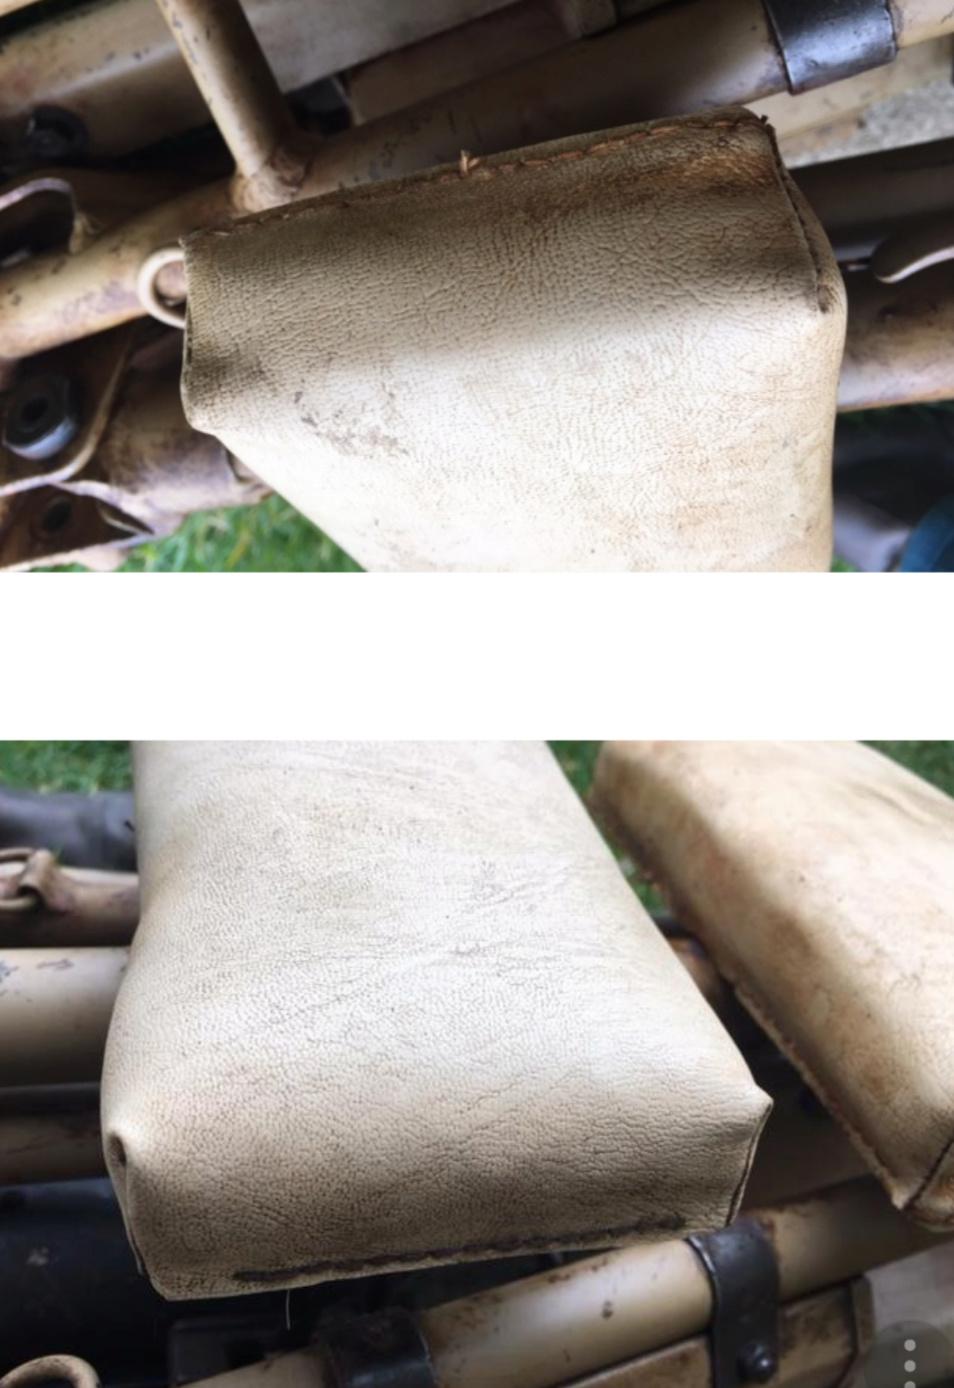 Magnifique lafette MG 42 Sable . Besoin d'info  20181120